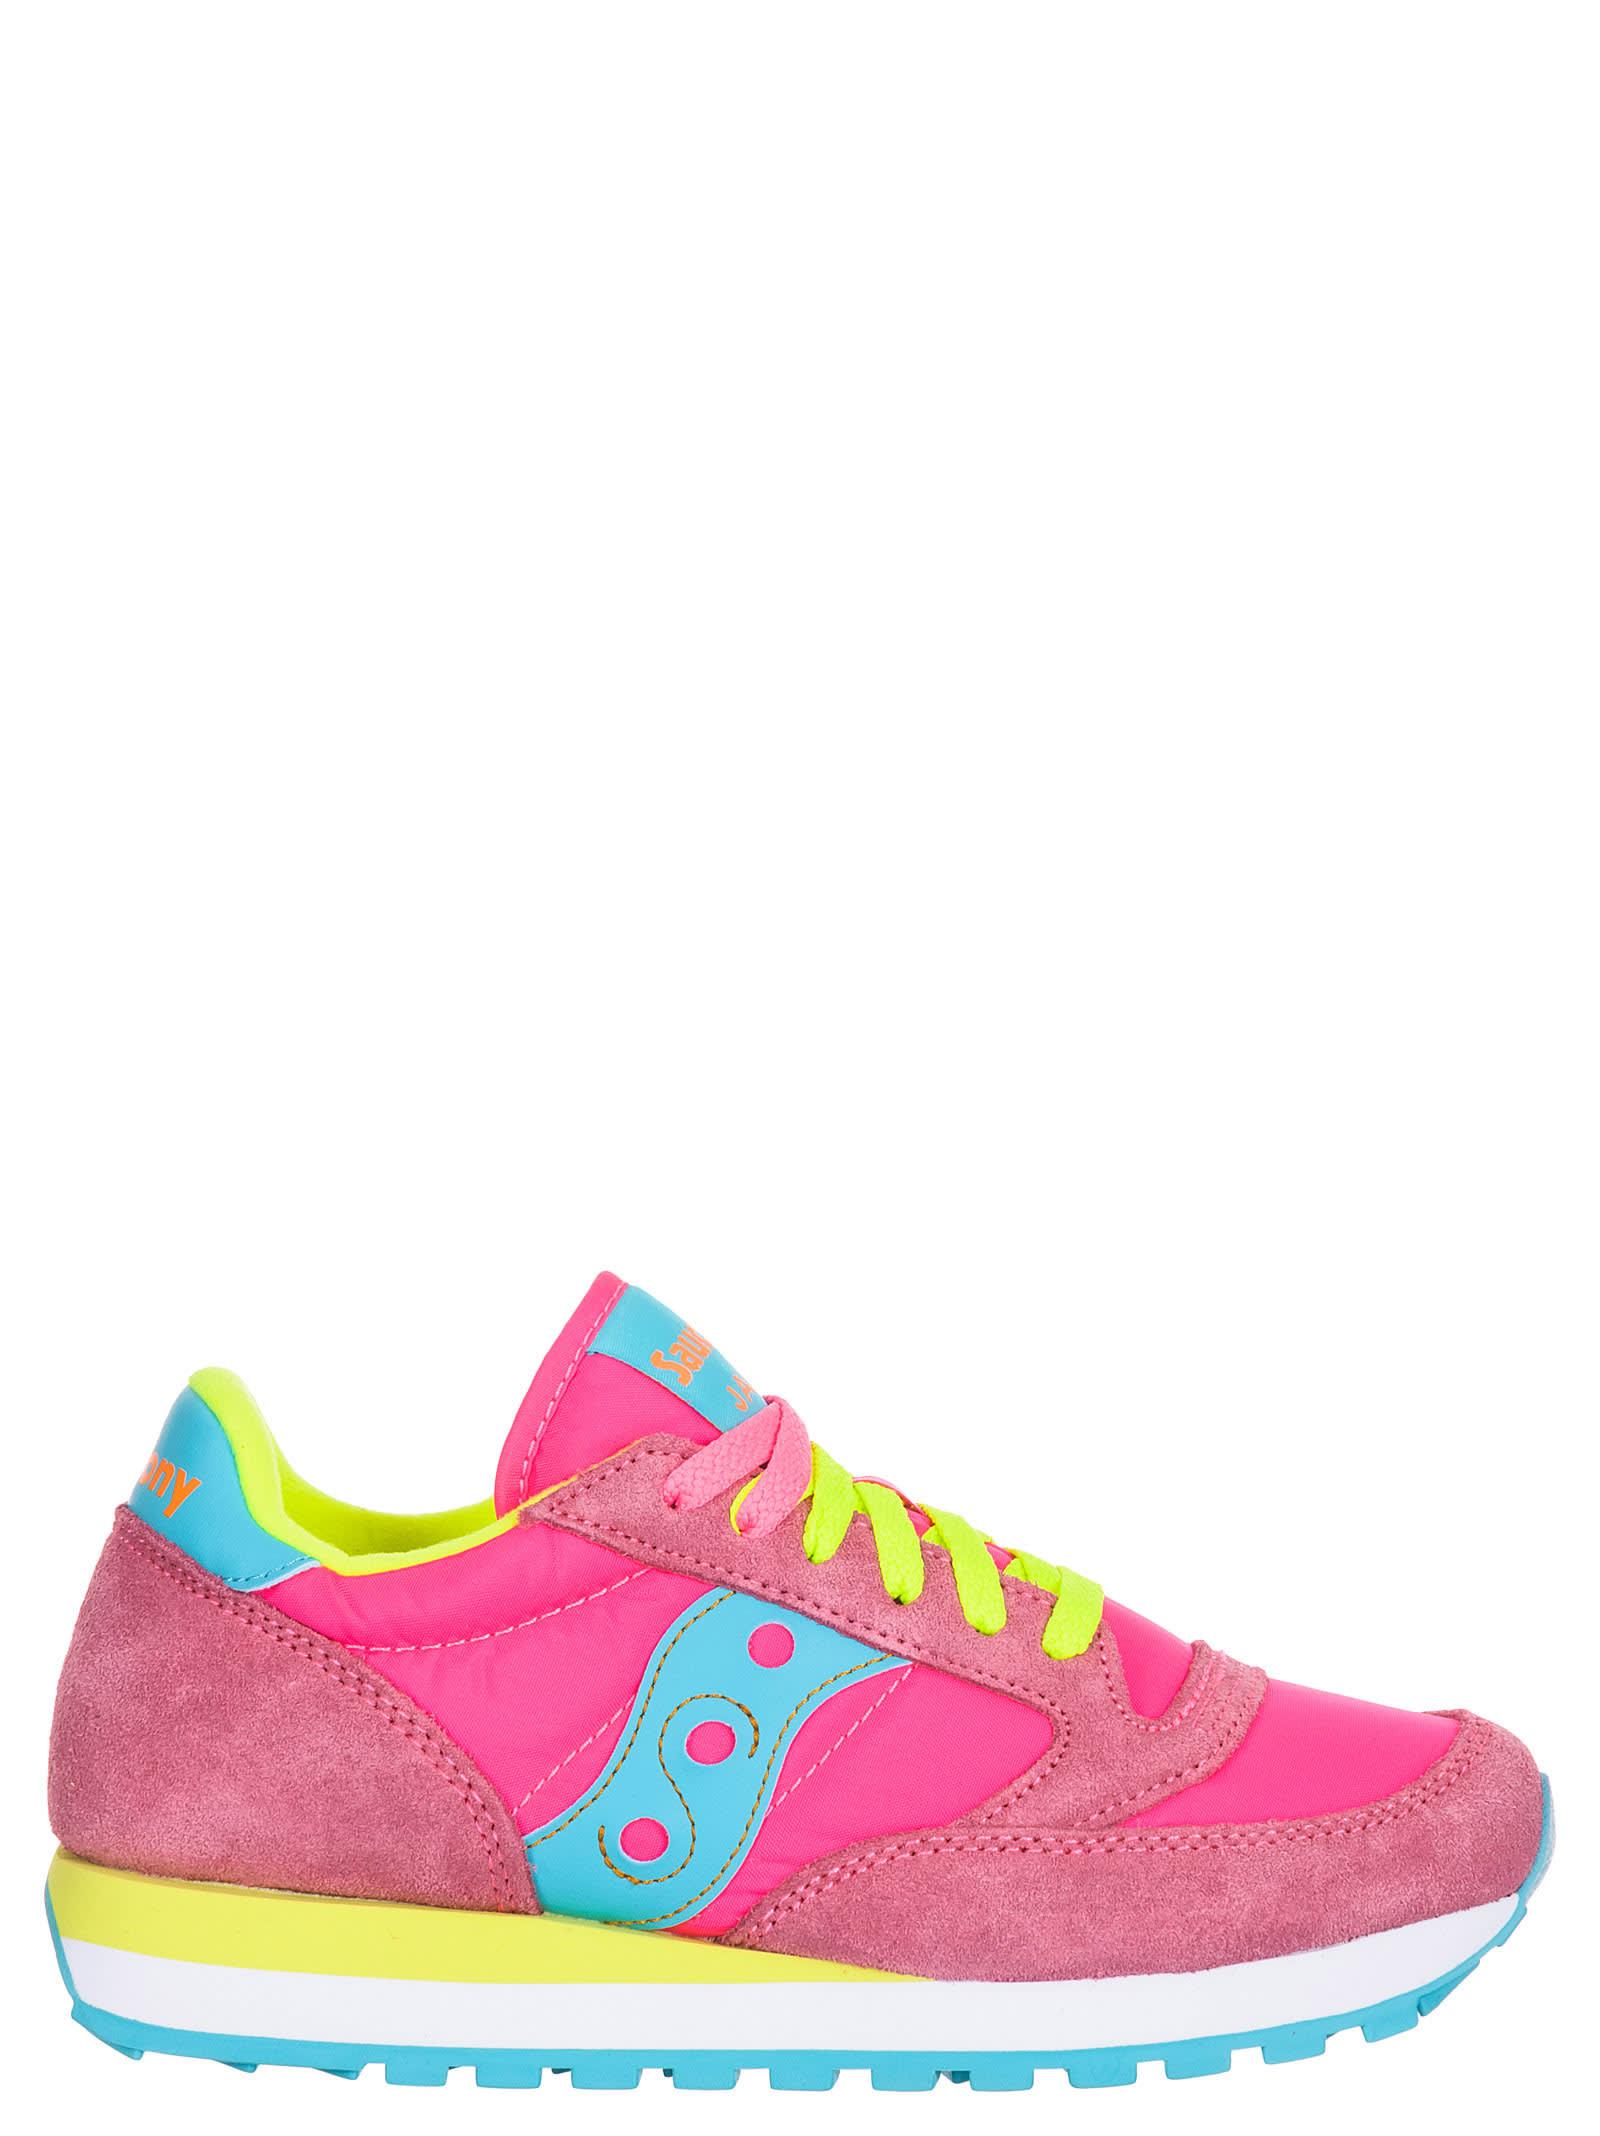 verkkokauppa ennakkotilaus alhaisin alennus Best price on the market at italist | Saucony Saucony Jazz Pink/yellow  Sneakers